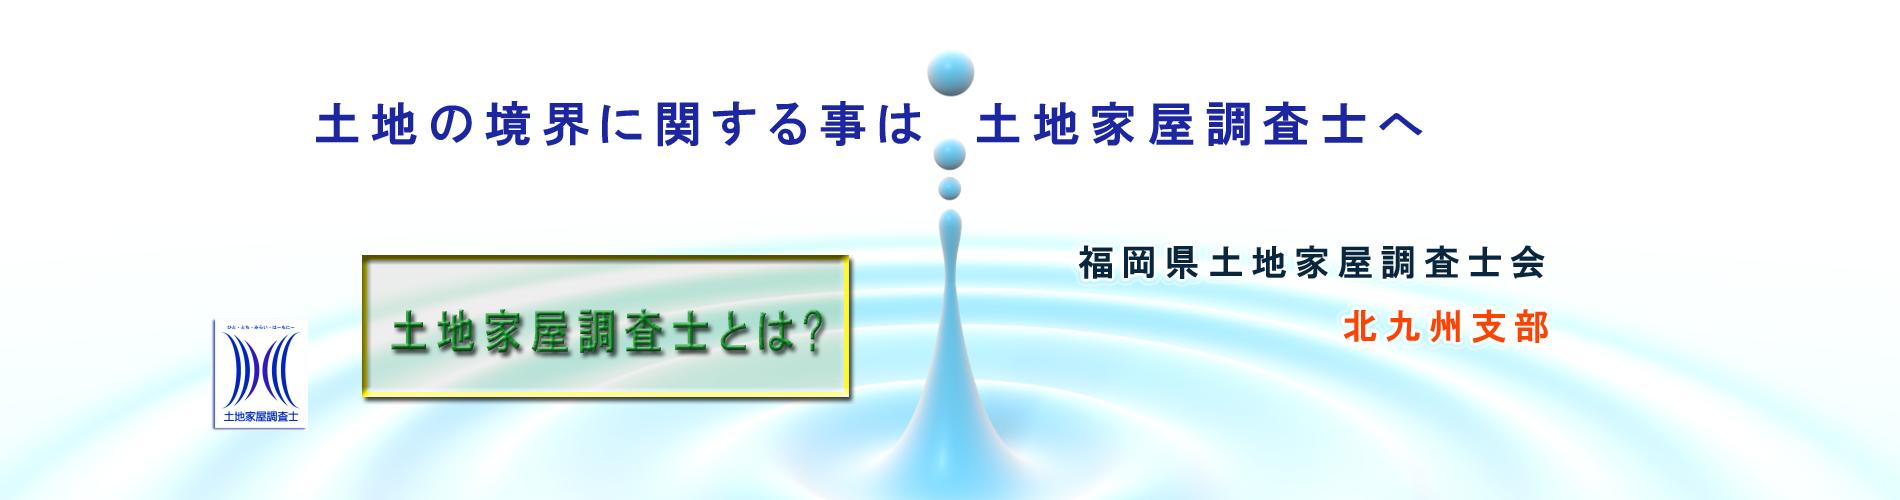 福岡県土地家屋調査士会 北九州支部3